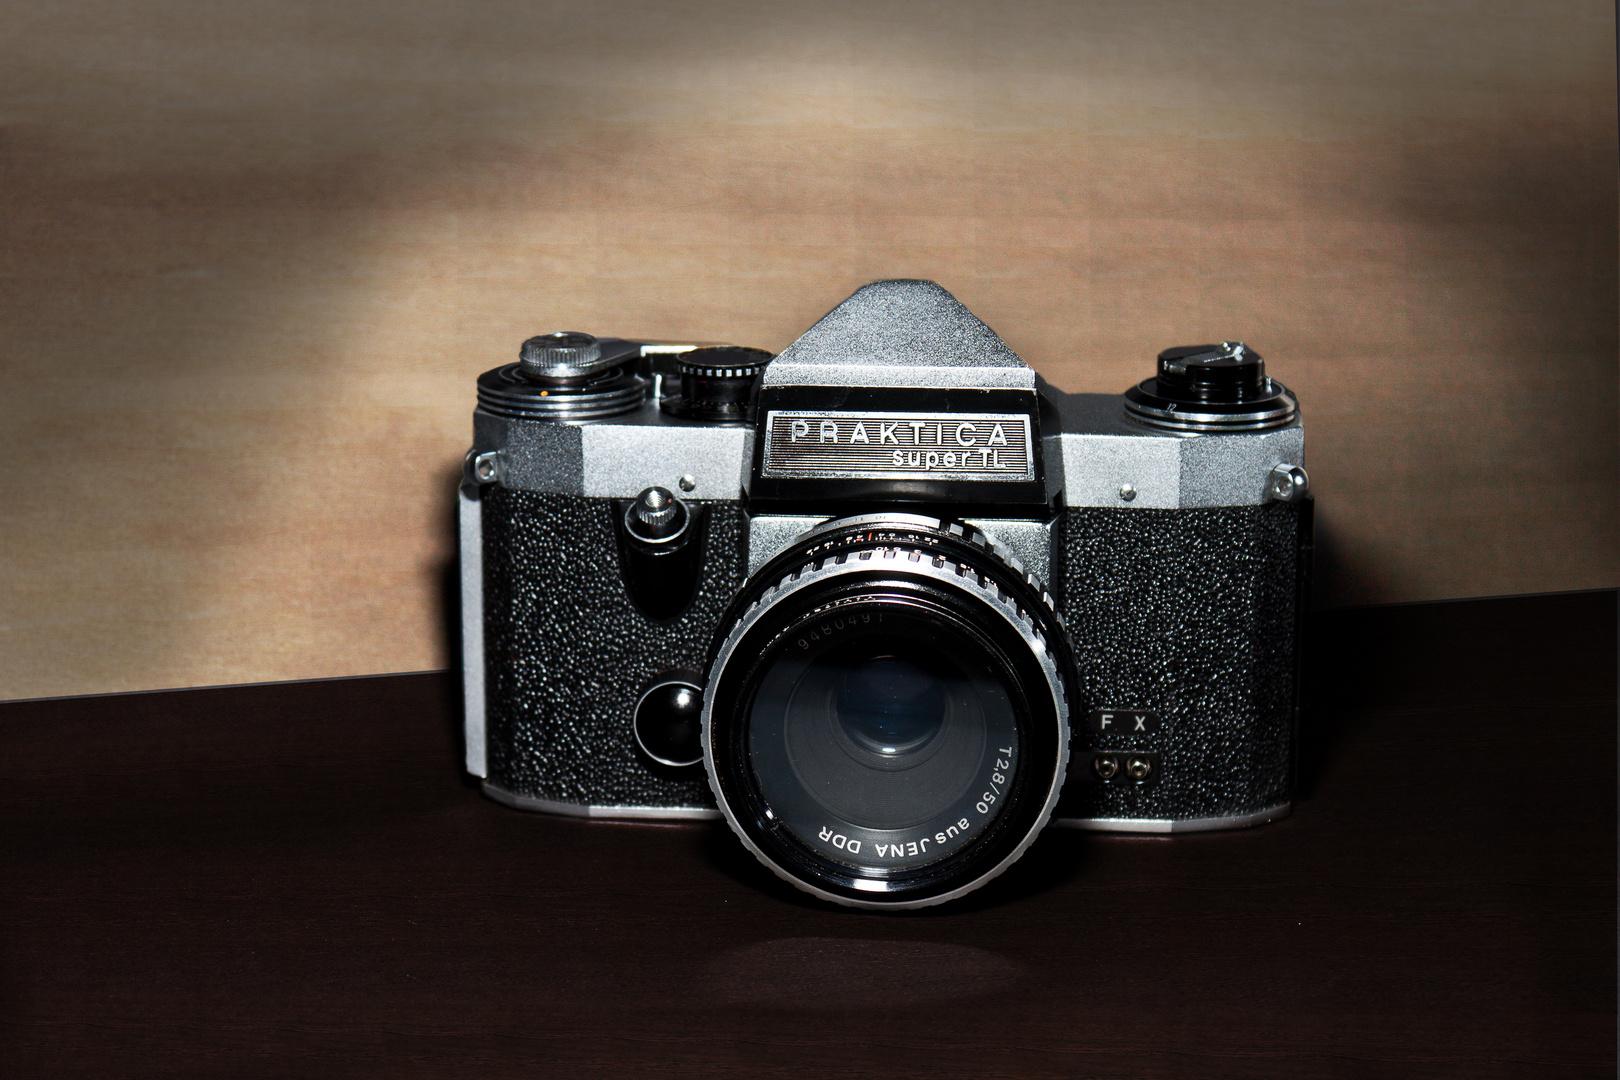 Praktica super tl foto & bild industrie und technik historische